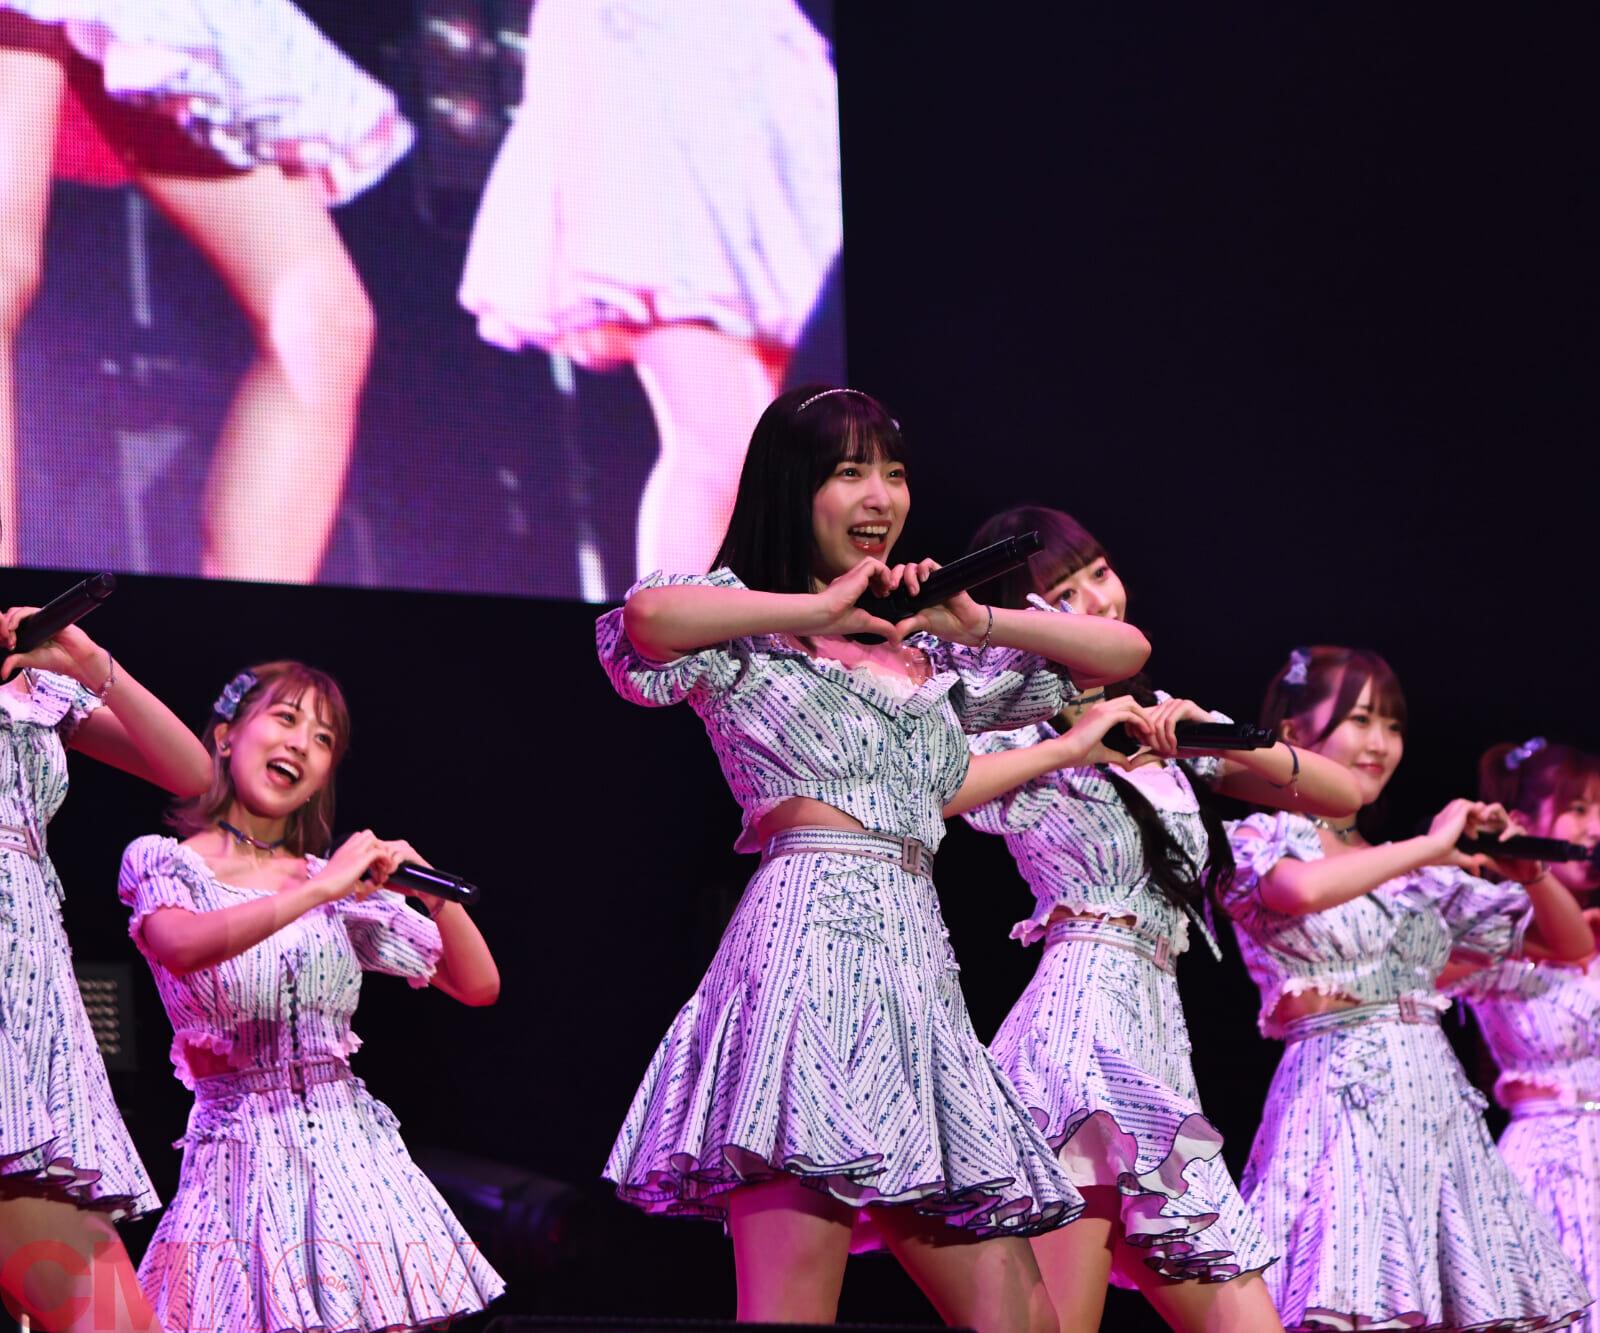 NMB48、AKB48、わーすたが、ストロベリーステージで豪華共演!「@JAM EXPO 2020-2021」ライブレポ